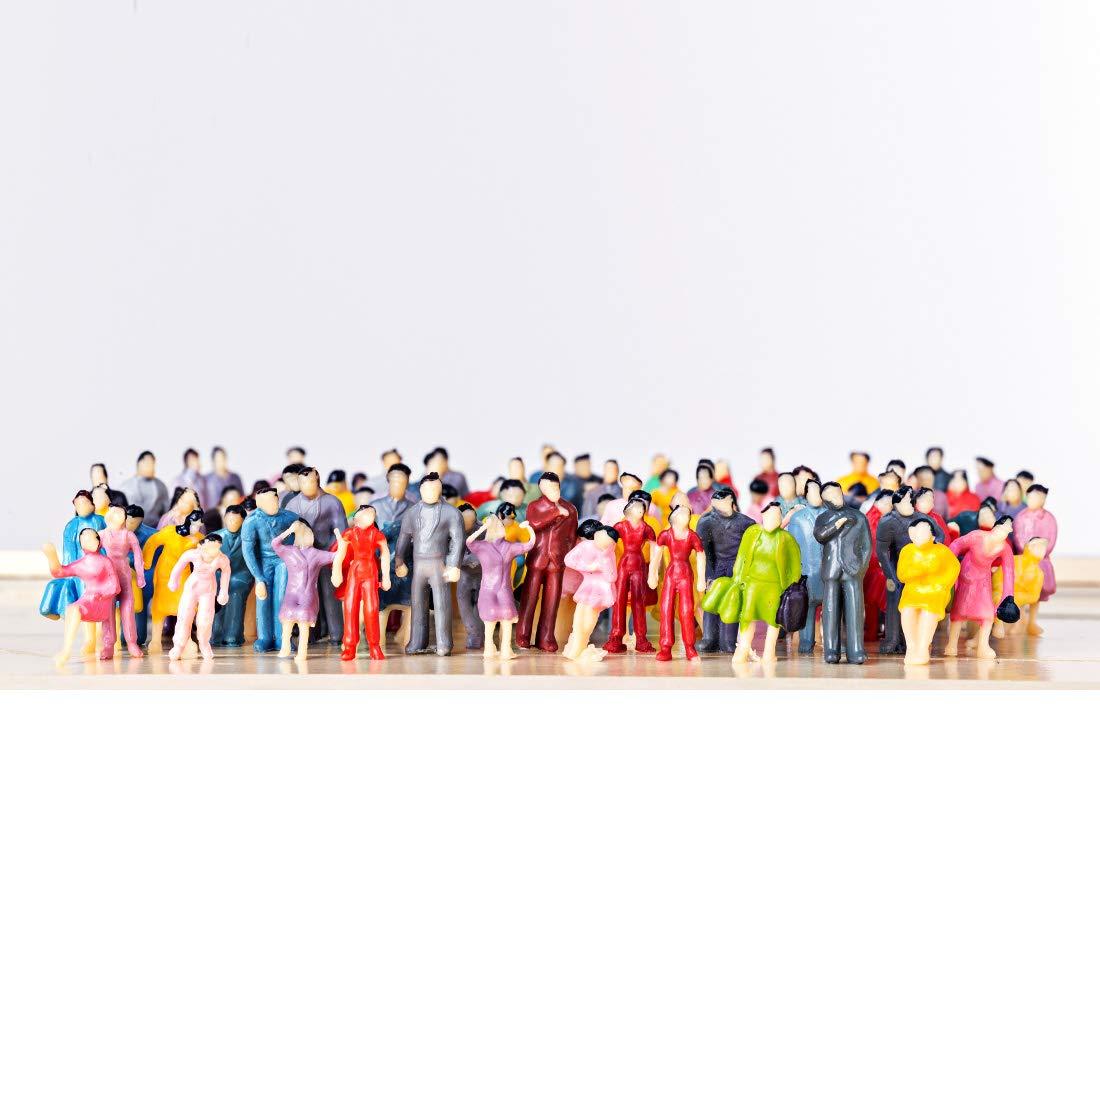 H0 1:87 Spieland 100St Minifiguren Eisenbahnzubeh/ör Menschen Modellbau Figuren Spur f/ür Modelleisenbahn und Fotogafieren